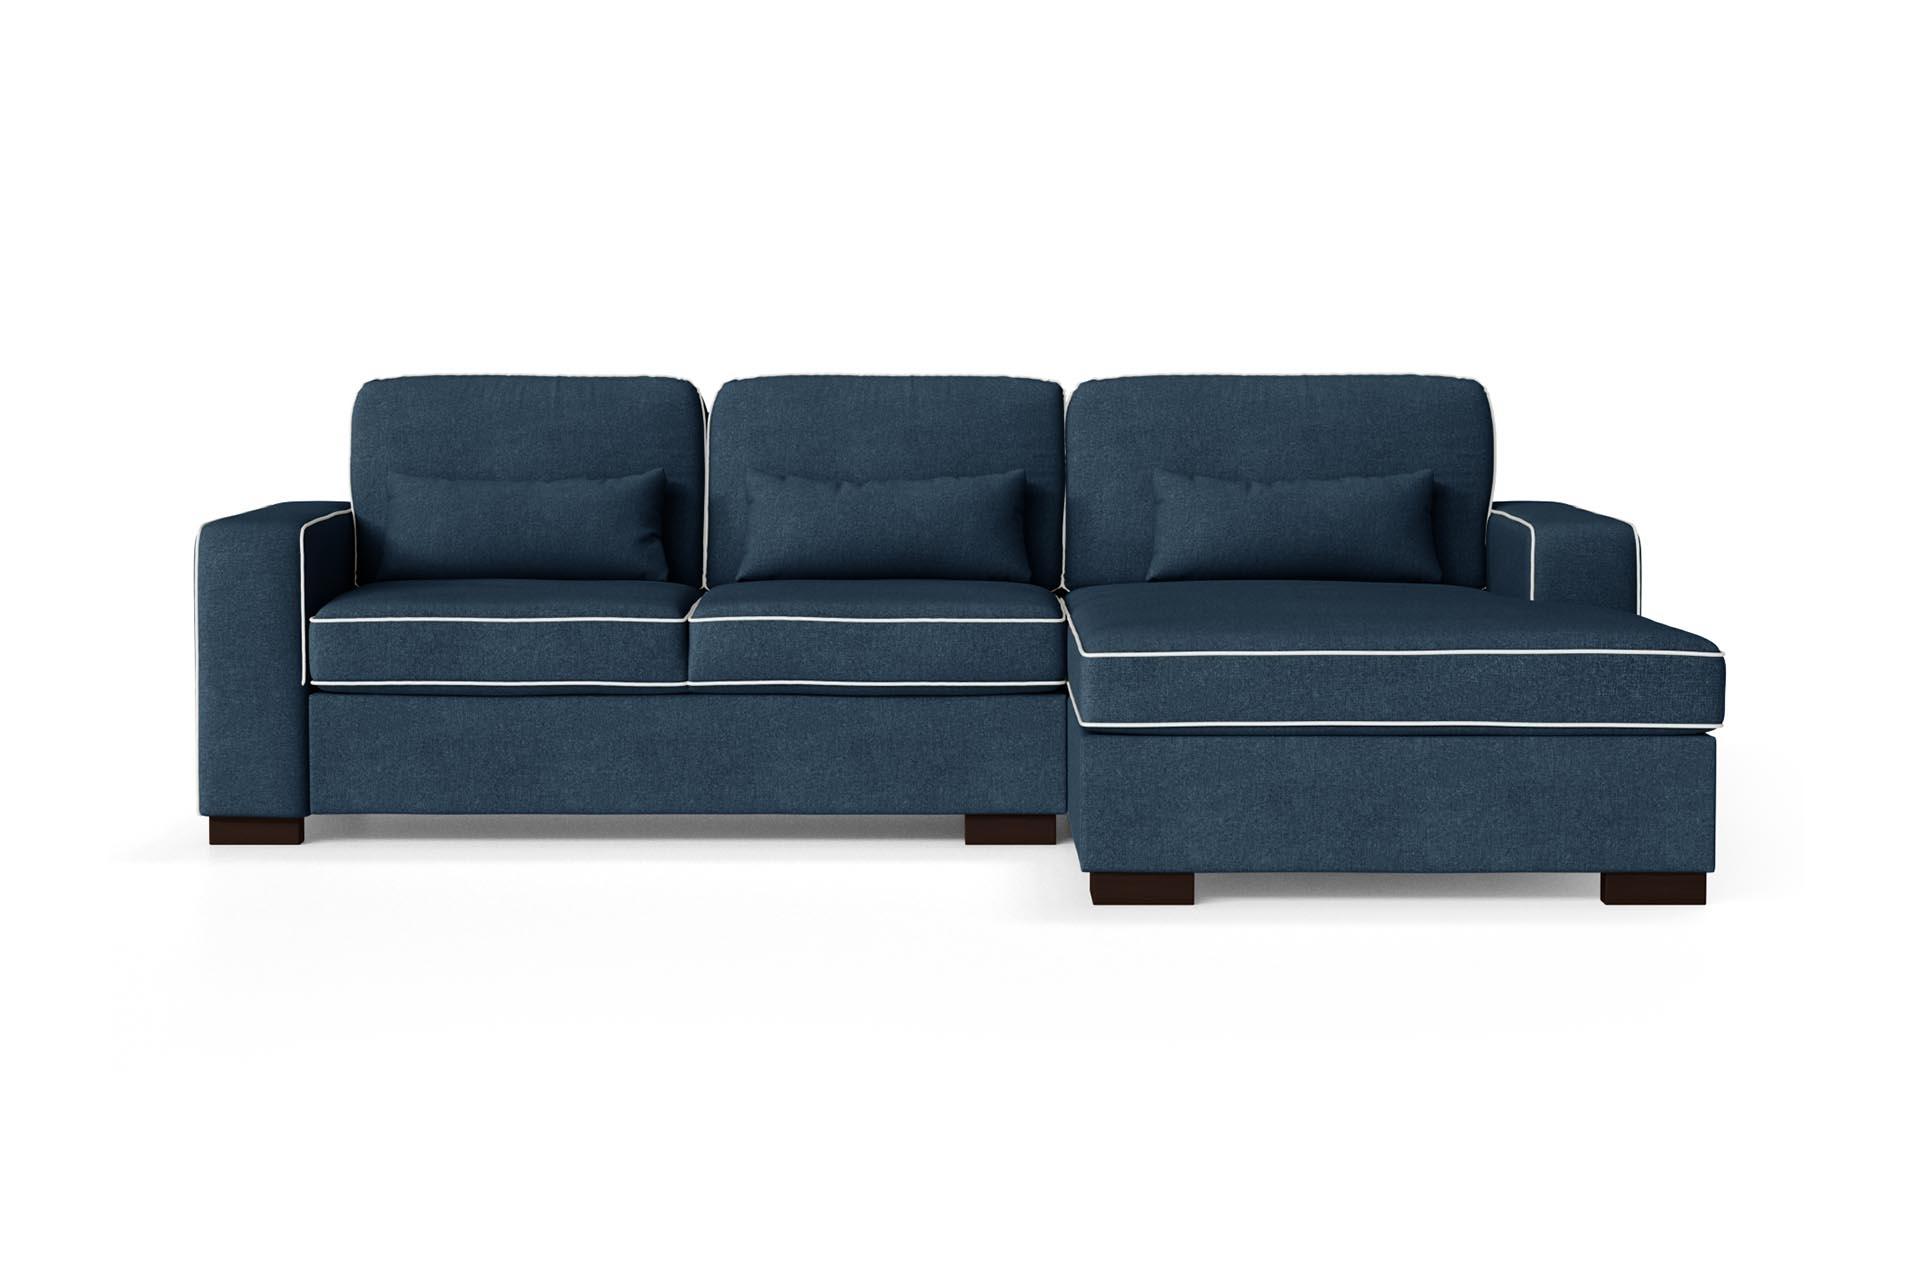 Canapé d'angle droit 4 places toucher coton bleu/gris clair